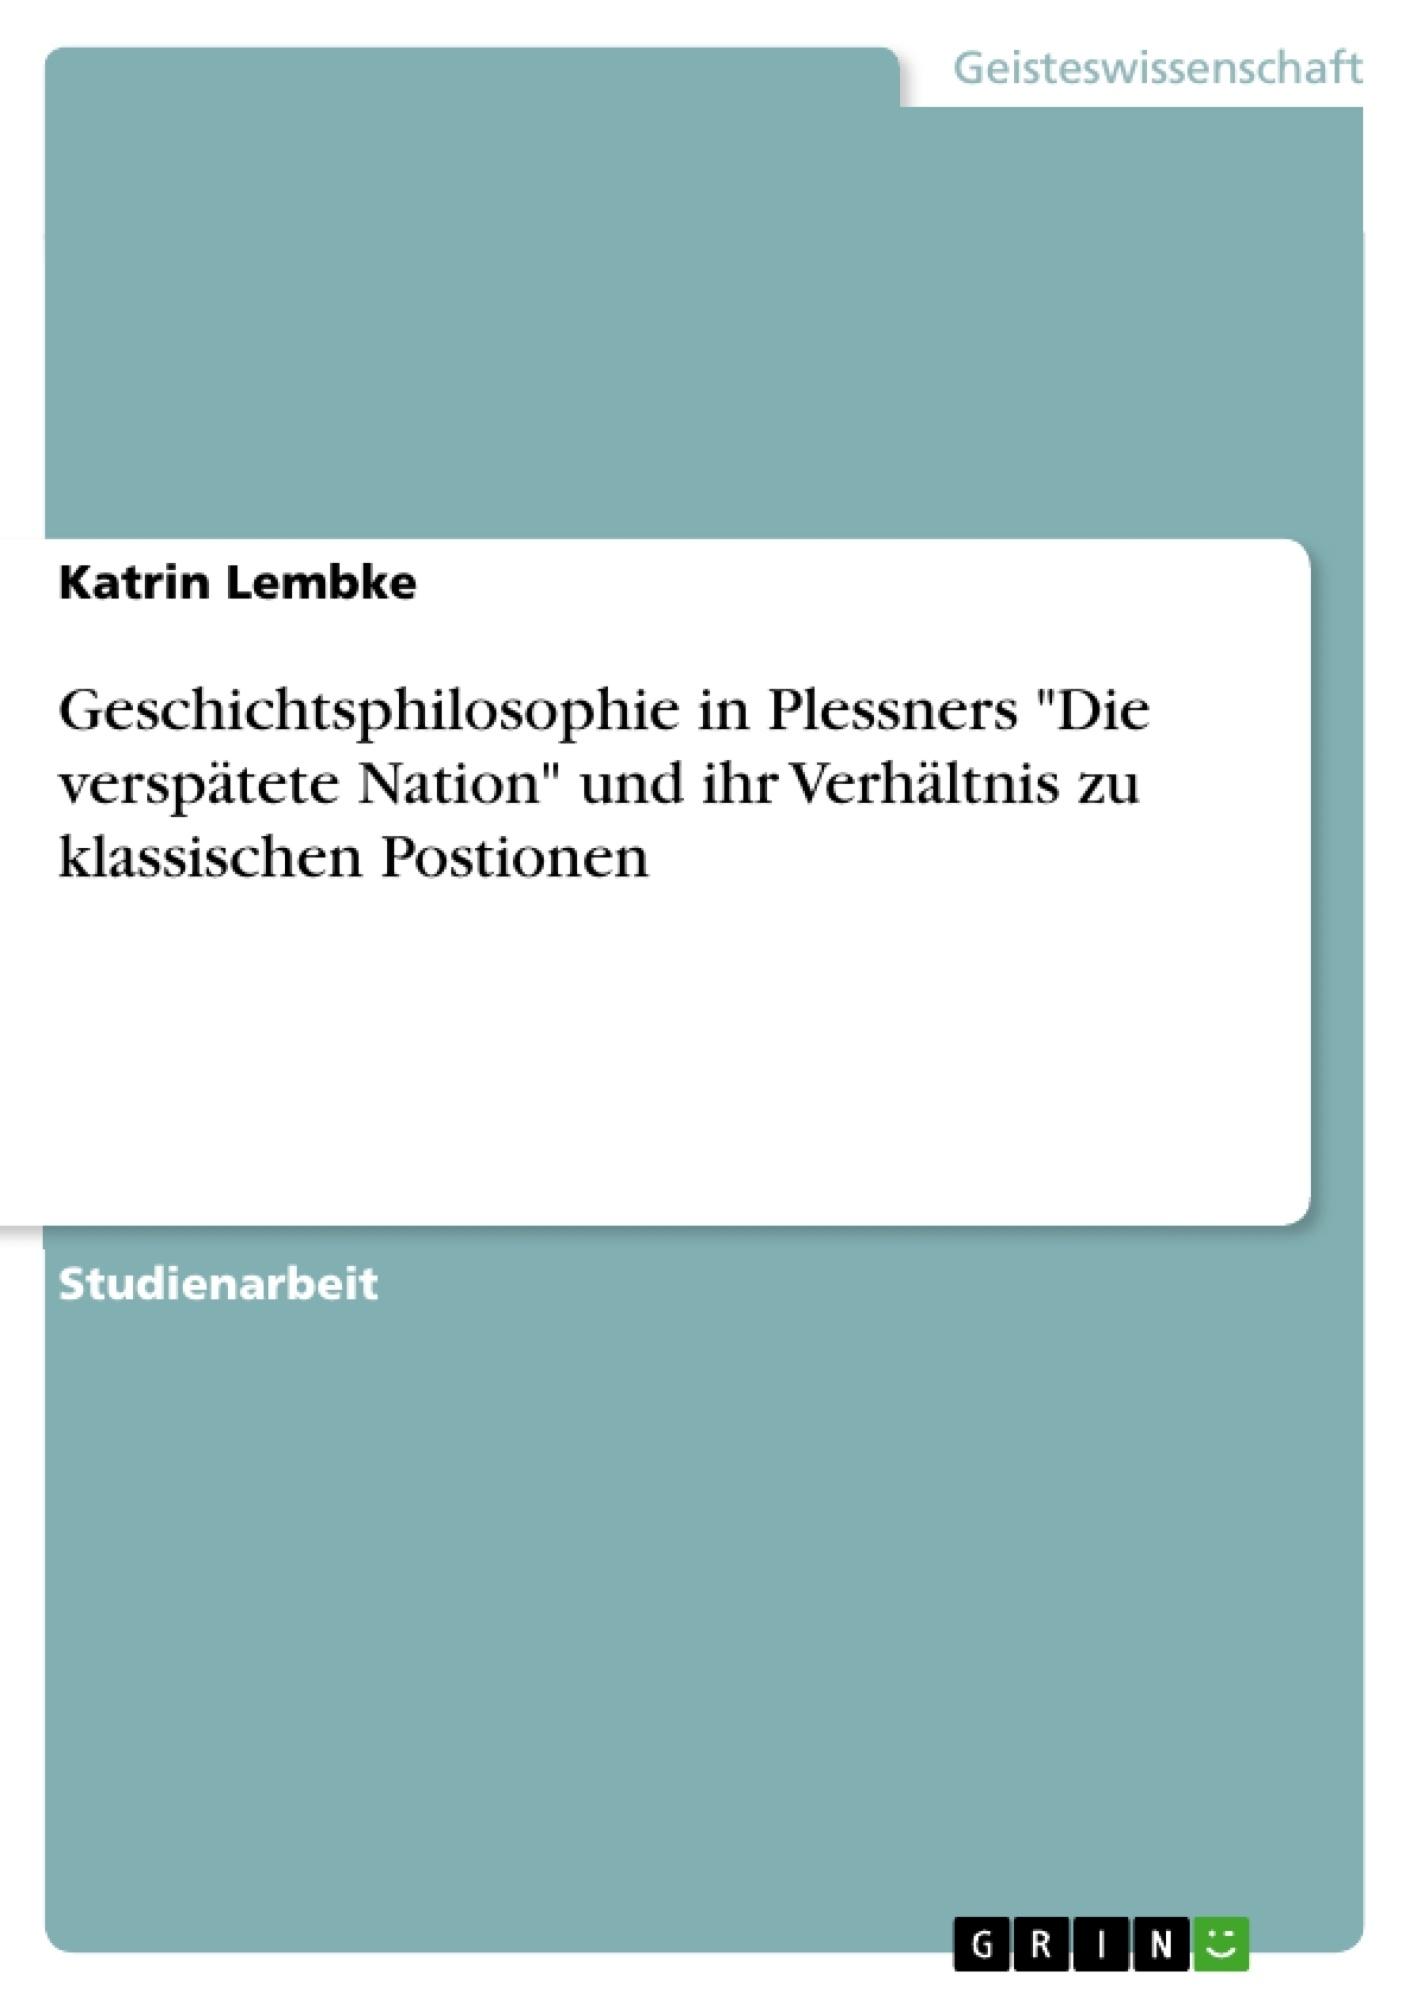 """Titel: Geschichtsphilosophie in Plessners """"Die verspätete Nation"""" und ihr Verhältnis zu klassischen Postionen"""